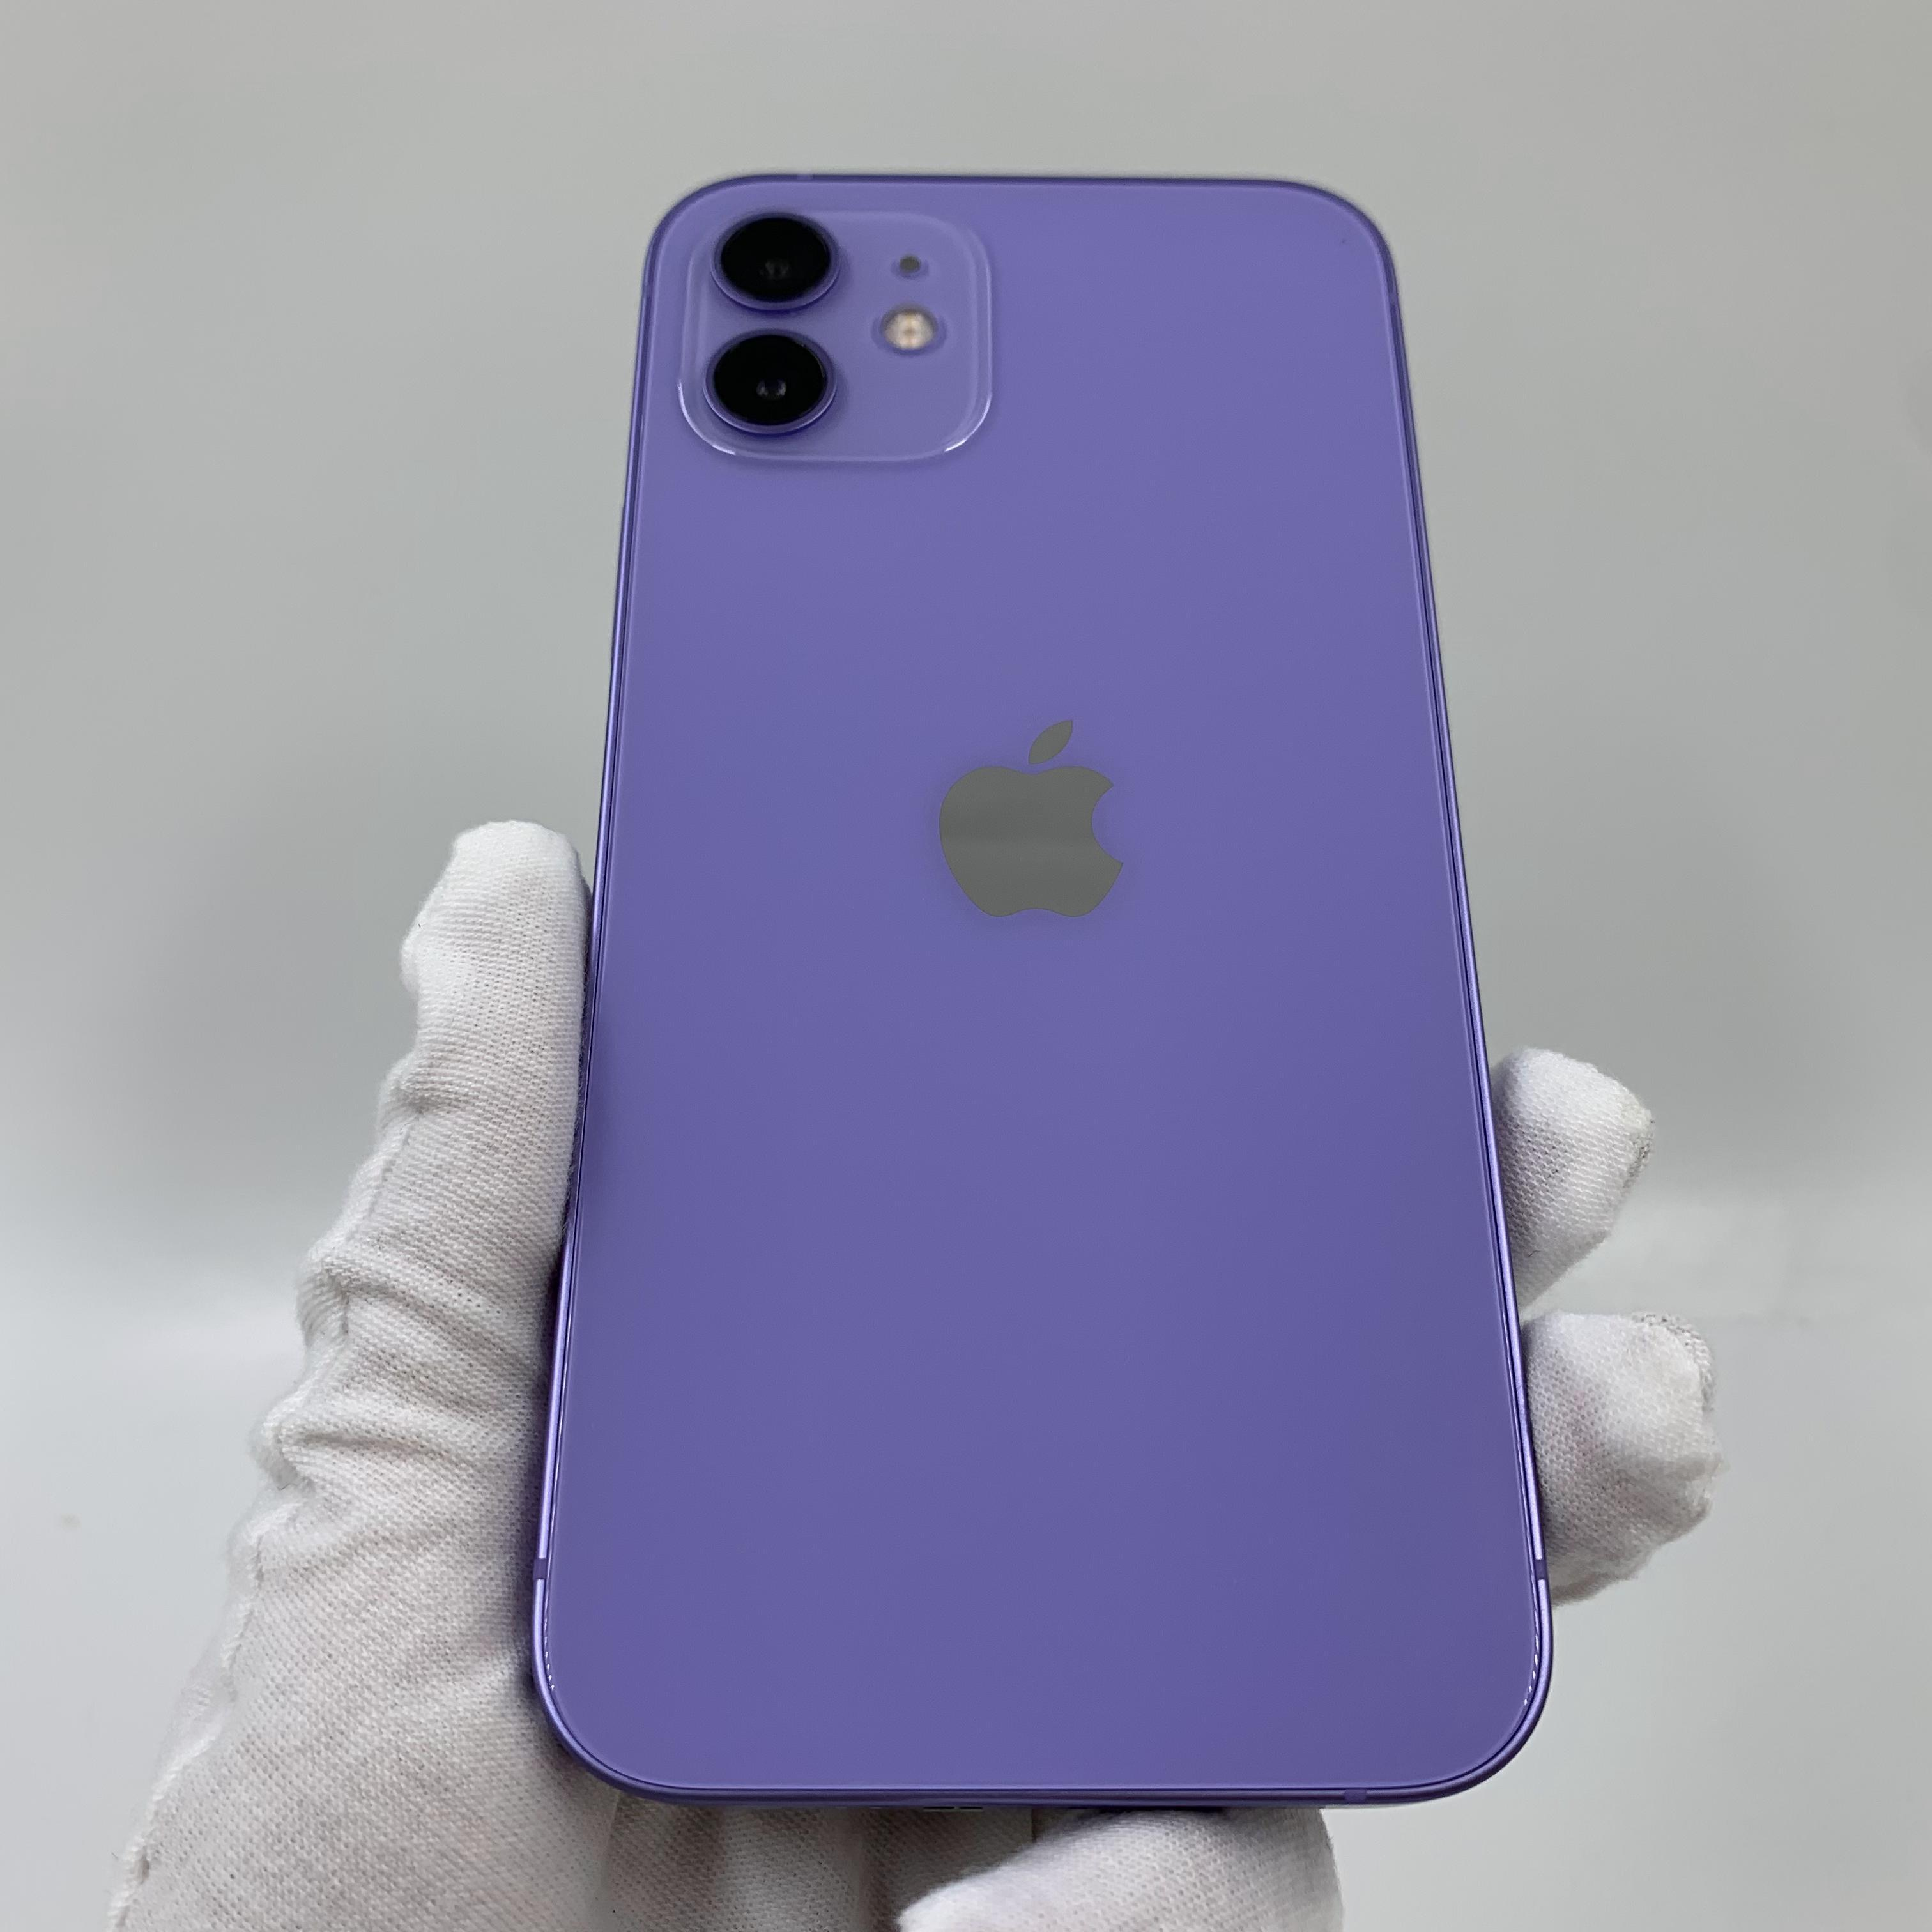 苹果【iPhone 12】5G全网通 紫色 128G 国行 95新 真机实拍官保2022-06-21